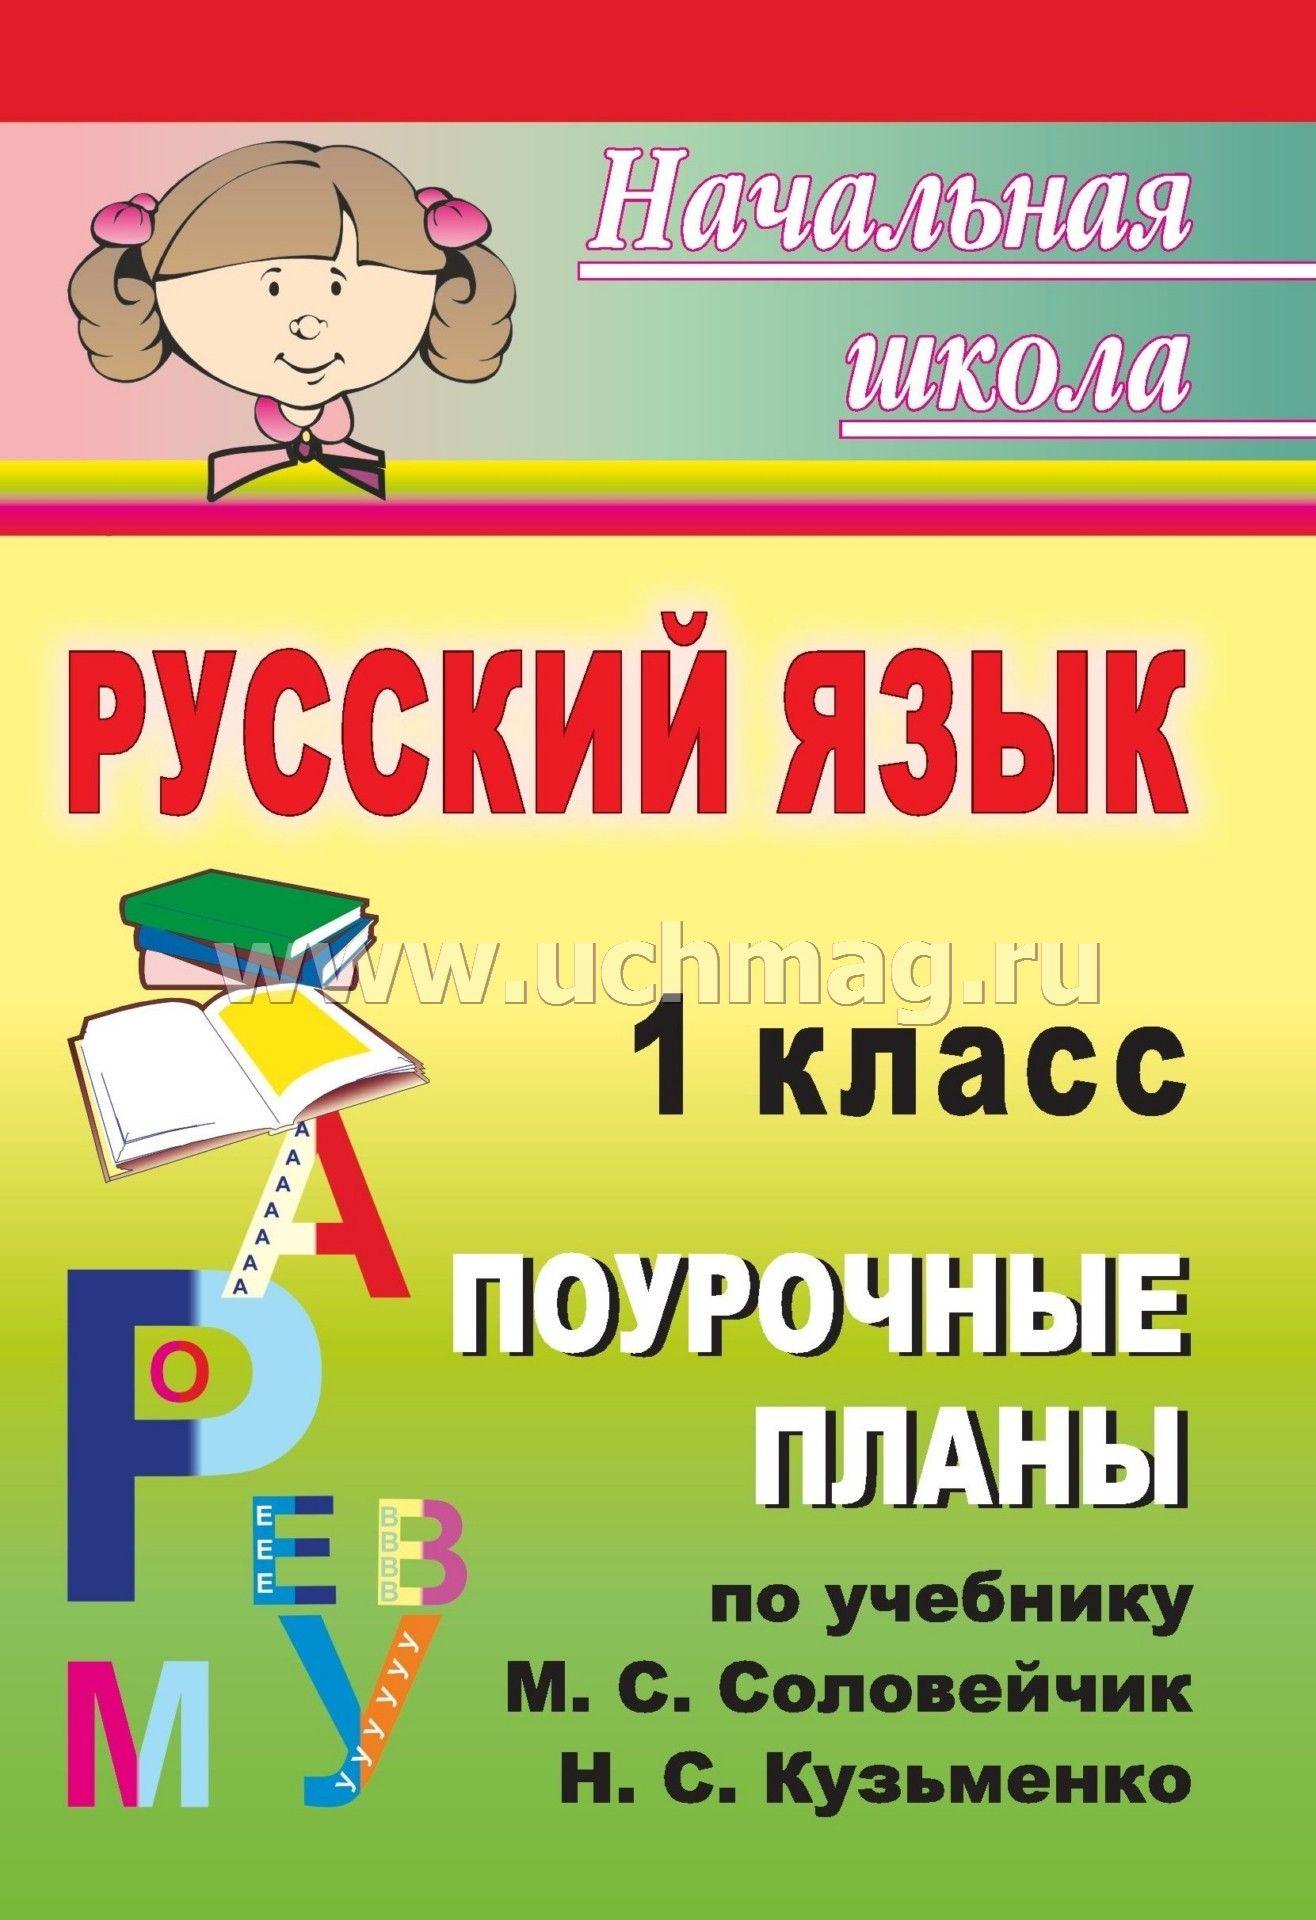 Поурочные планы по русскому языку для